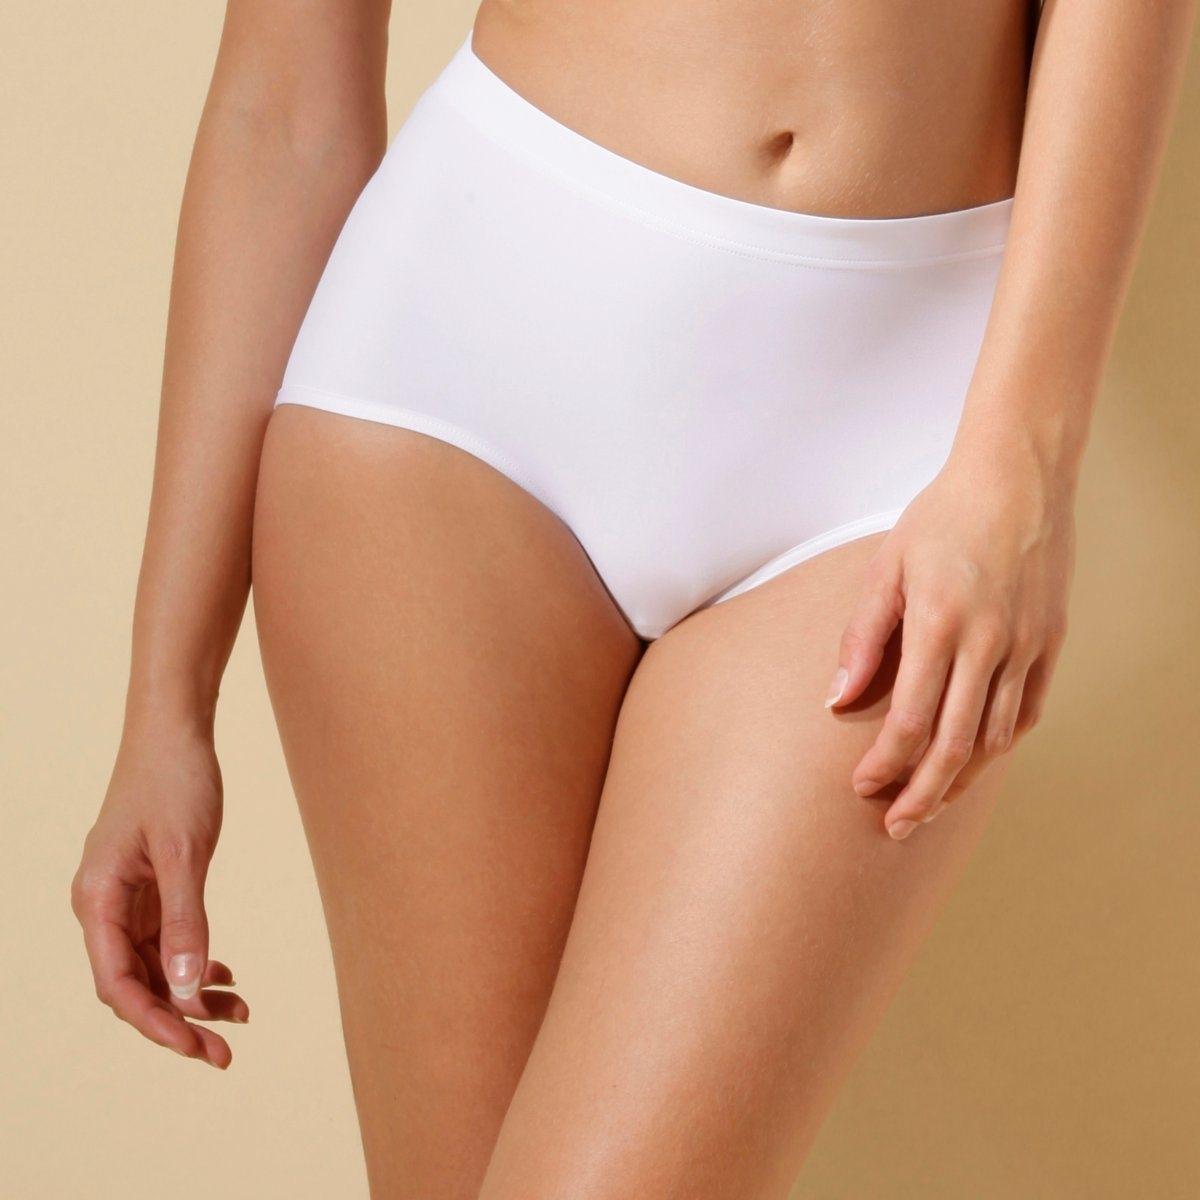 2 трусов с низкими вырезамиЛиния Shape от SLOGGI. Моделирующее белье, легкое и незаметное под одеждой. Без боковых швов. Ластовица на подкладке из хлопка. Мягкий трикотаж, 78% полиамида, 22% эластана. В комплекте 2 трусов. Машинная стирка при 30°.<br><br>Цвет: бежевый телесный,белый,черный<br>Размер: 42 (FR) - 48 (RUS).44 (FR) - 50 (RUS).40 (FR) - 46 (RUS).50 (FR) - 56 (RUS).46 (FR) - 52 (RUS)